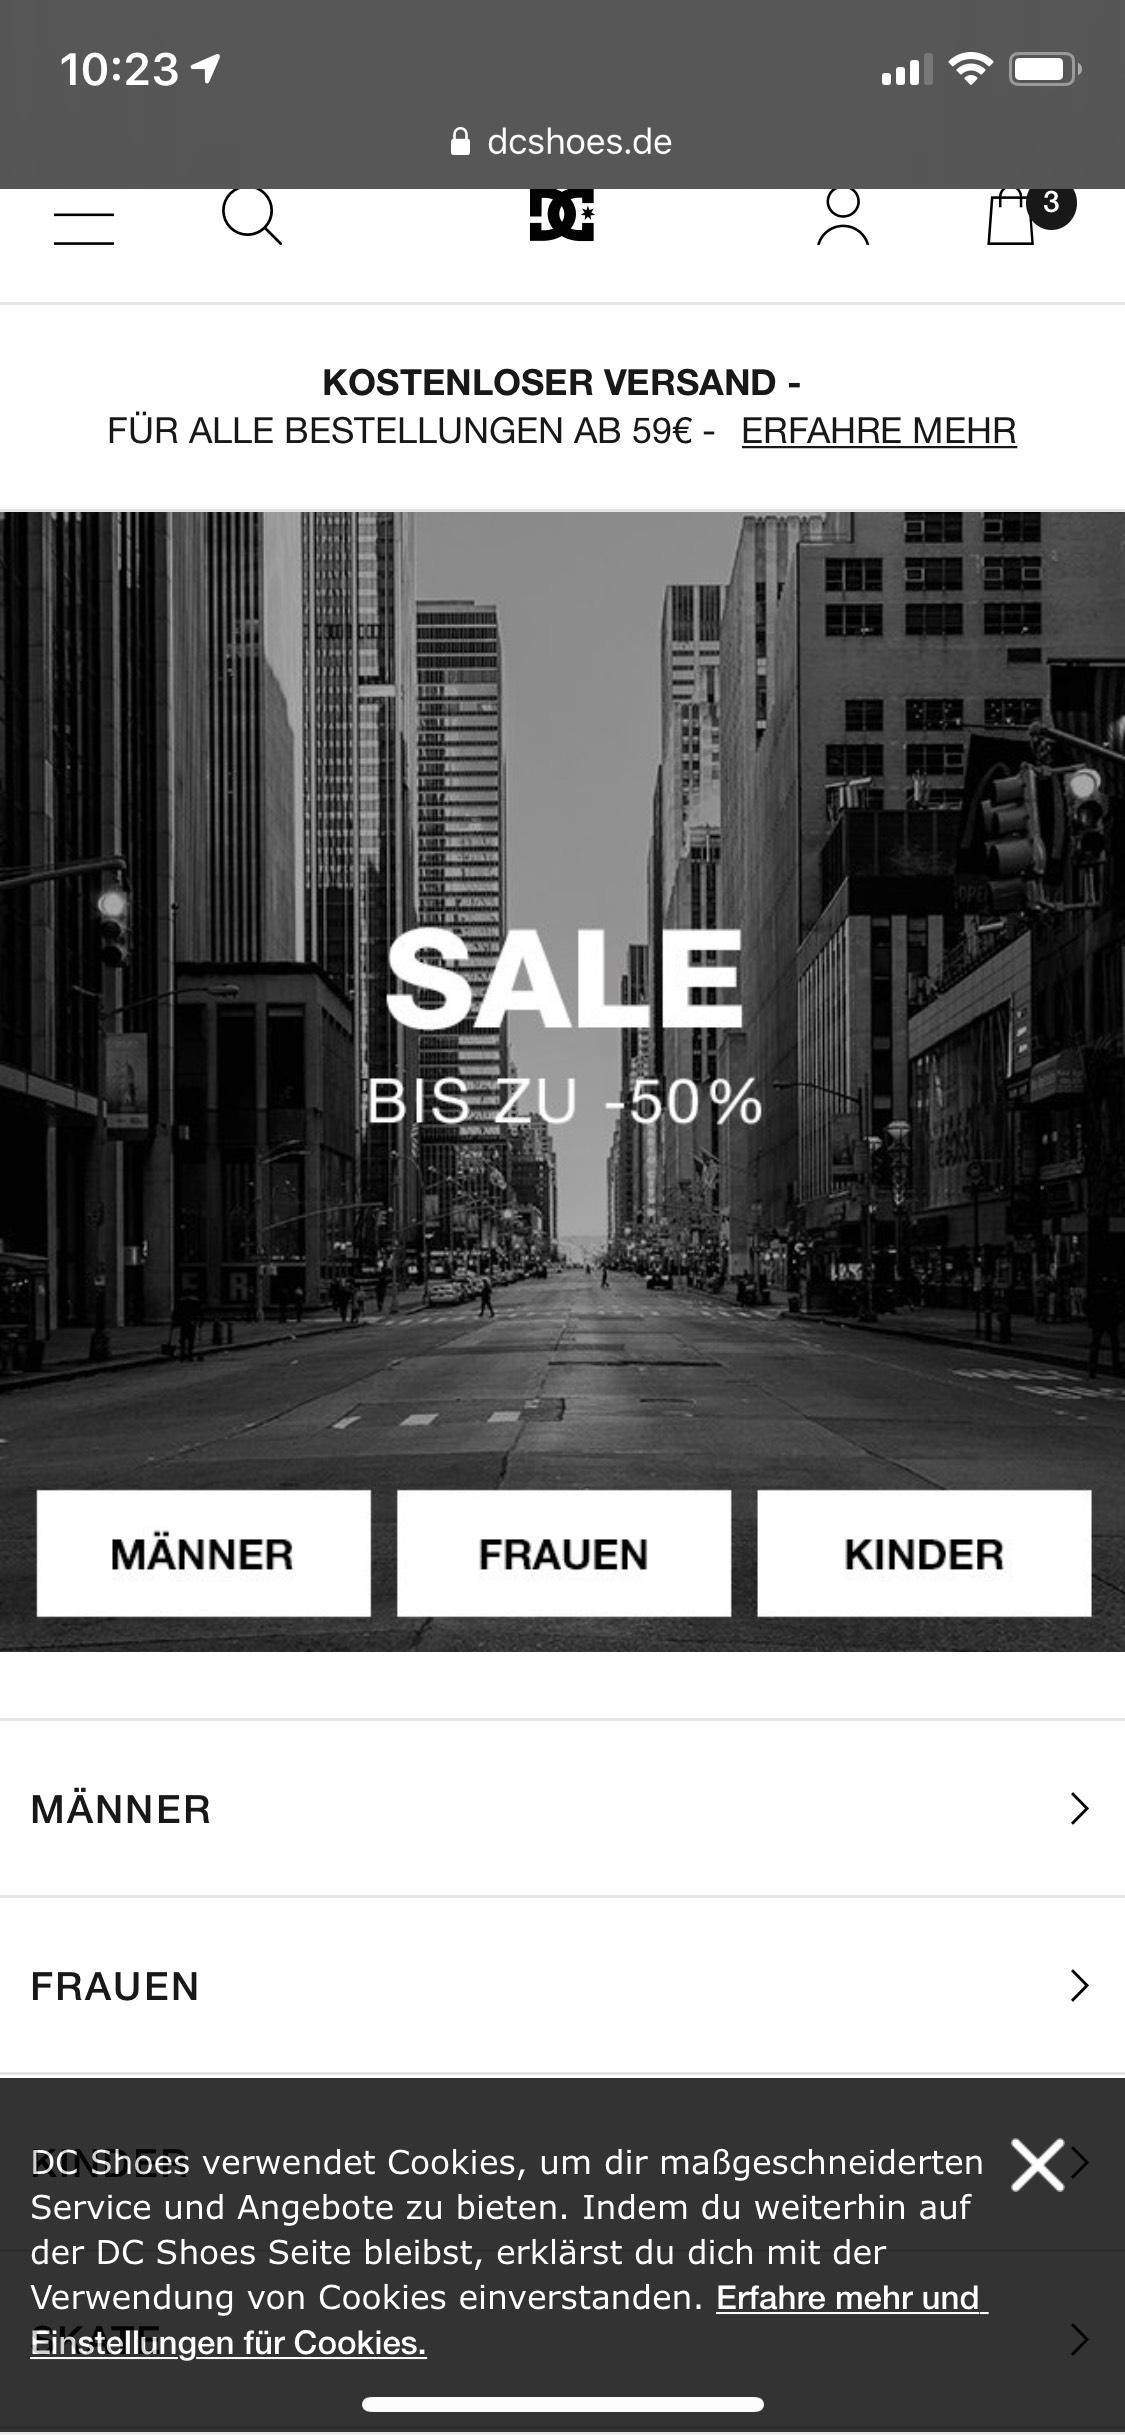 DC Shoes Sales - bis zu 59,5 % Nachlass möglich